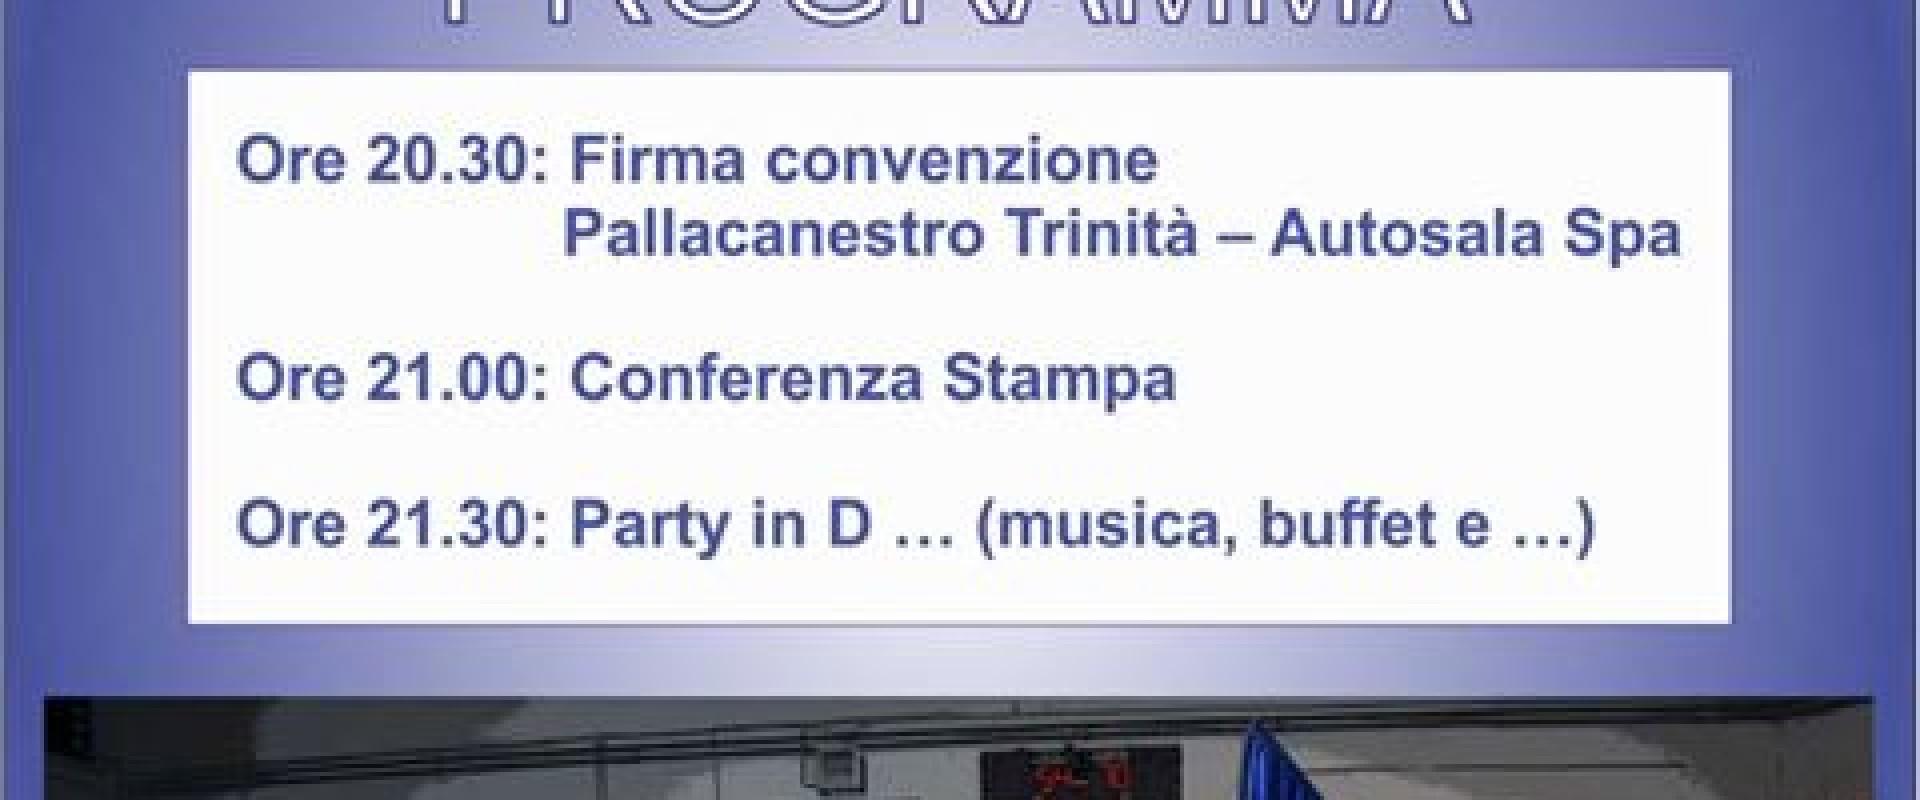 PARTY IN... D: dopo 19 anni la Diesel Tecnica Pallacanestro Trinità torna in serie D e festeggia con i suoi tifosi